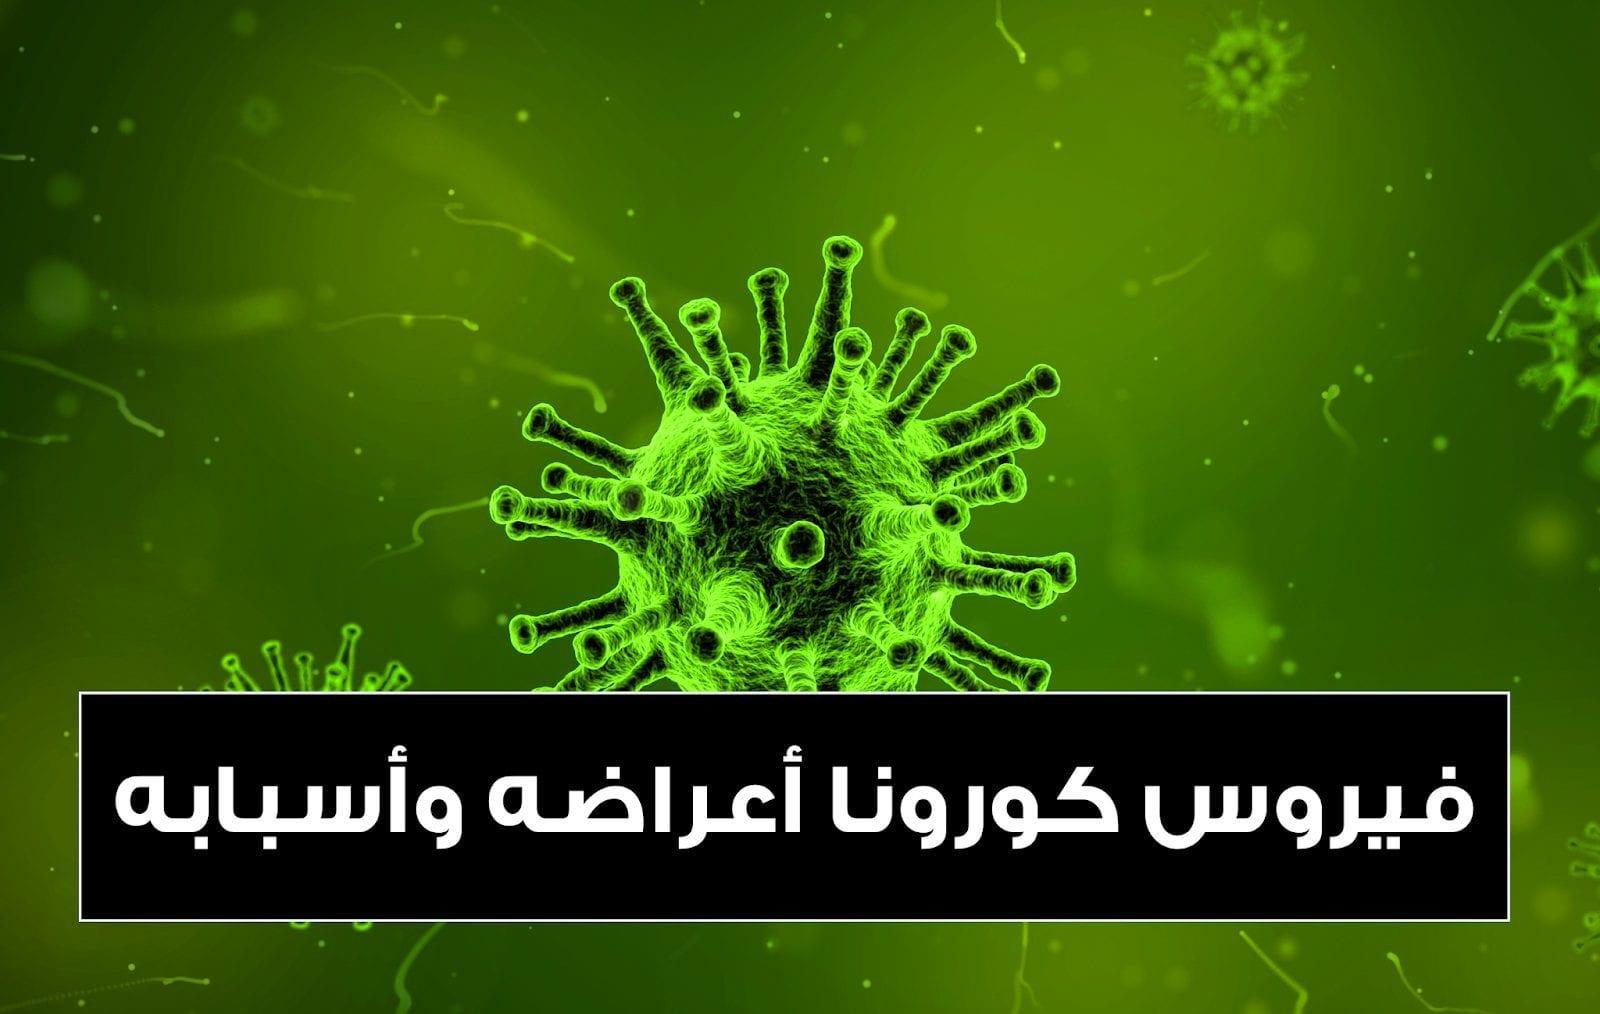 فيروس كورونا أعراضه وأسبابه